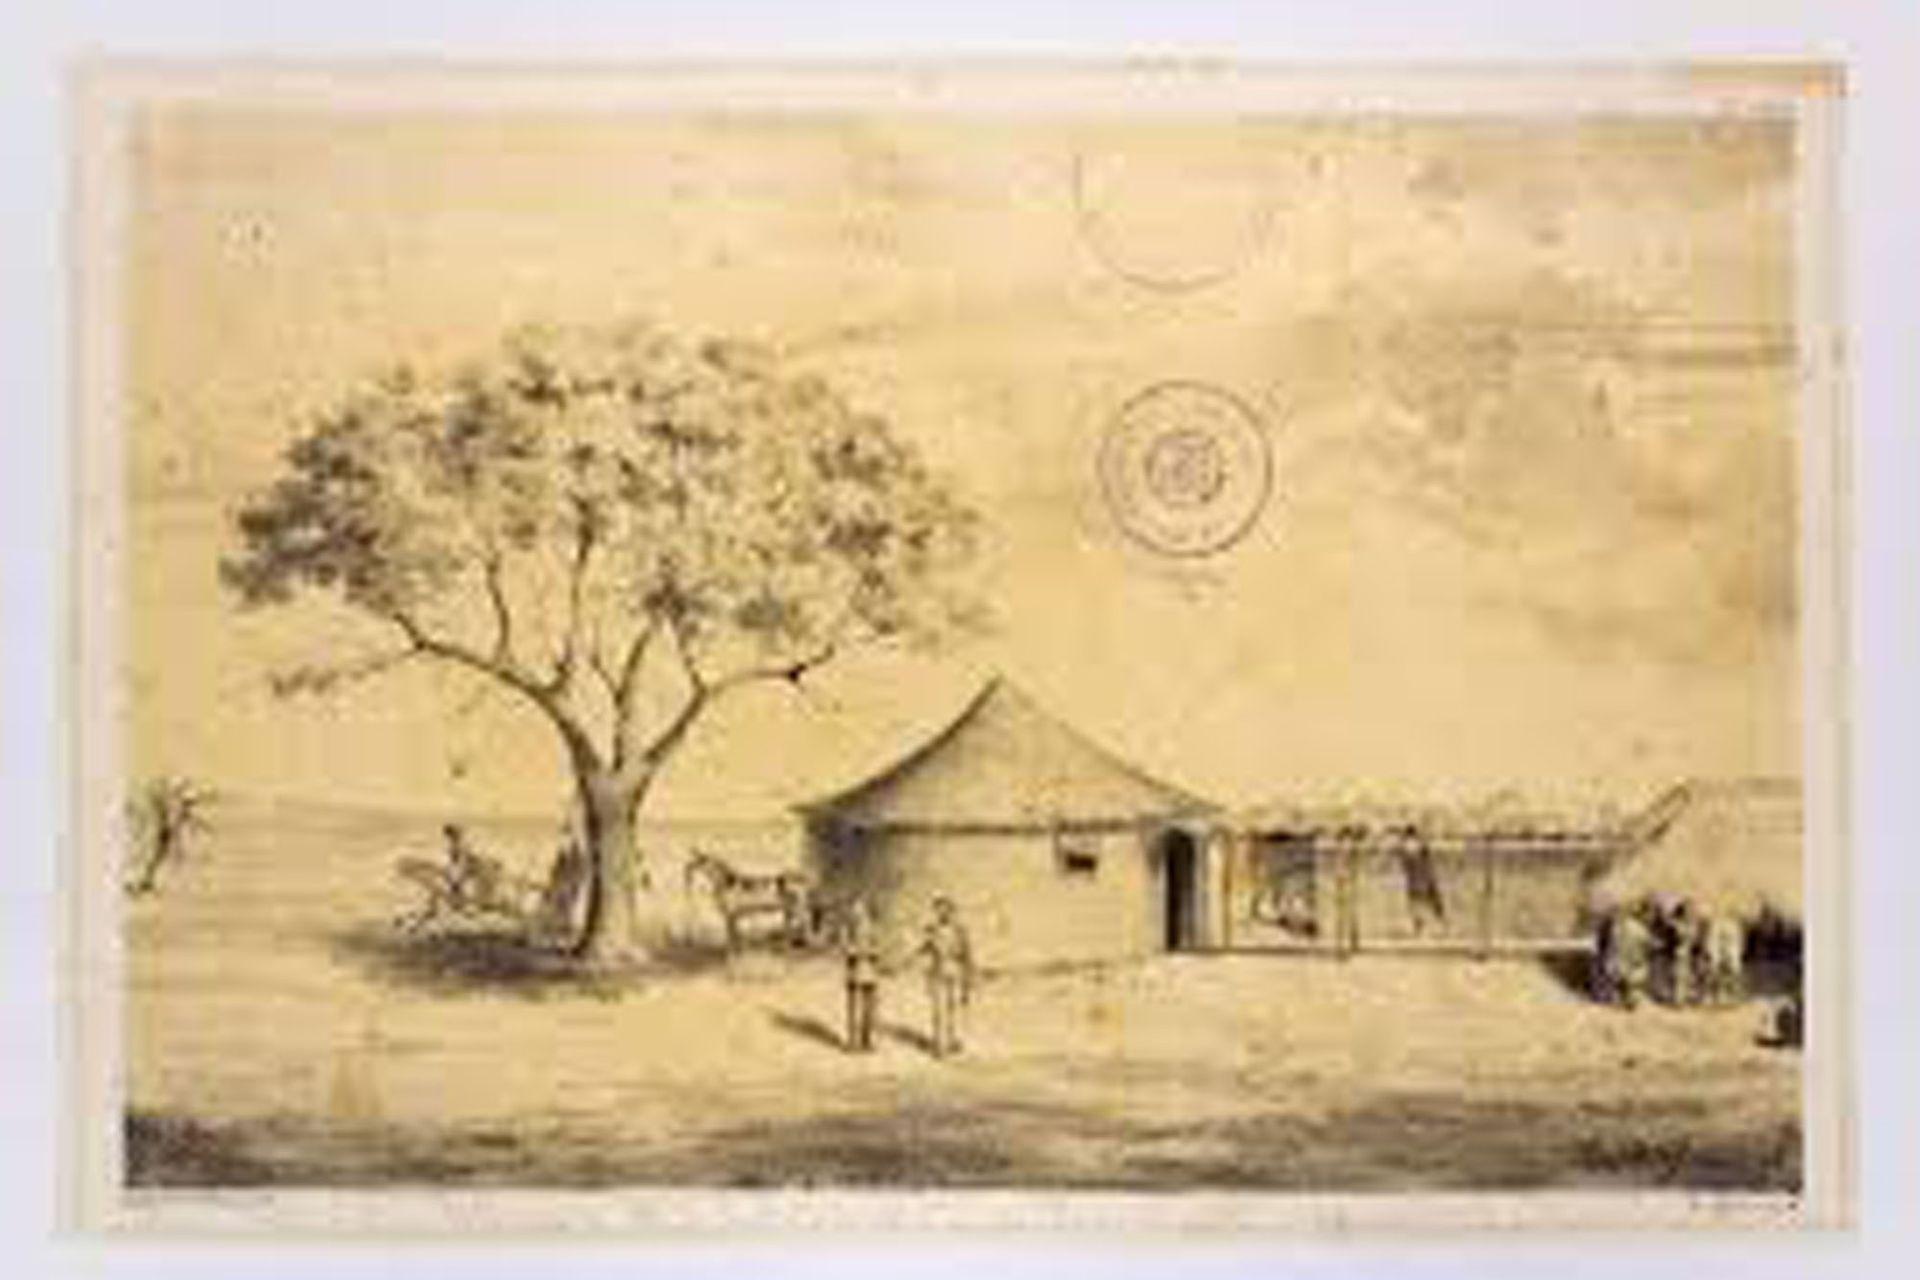 Cuartel en Tuyuti.